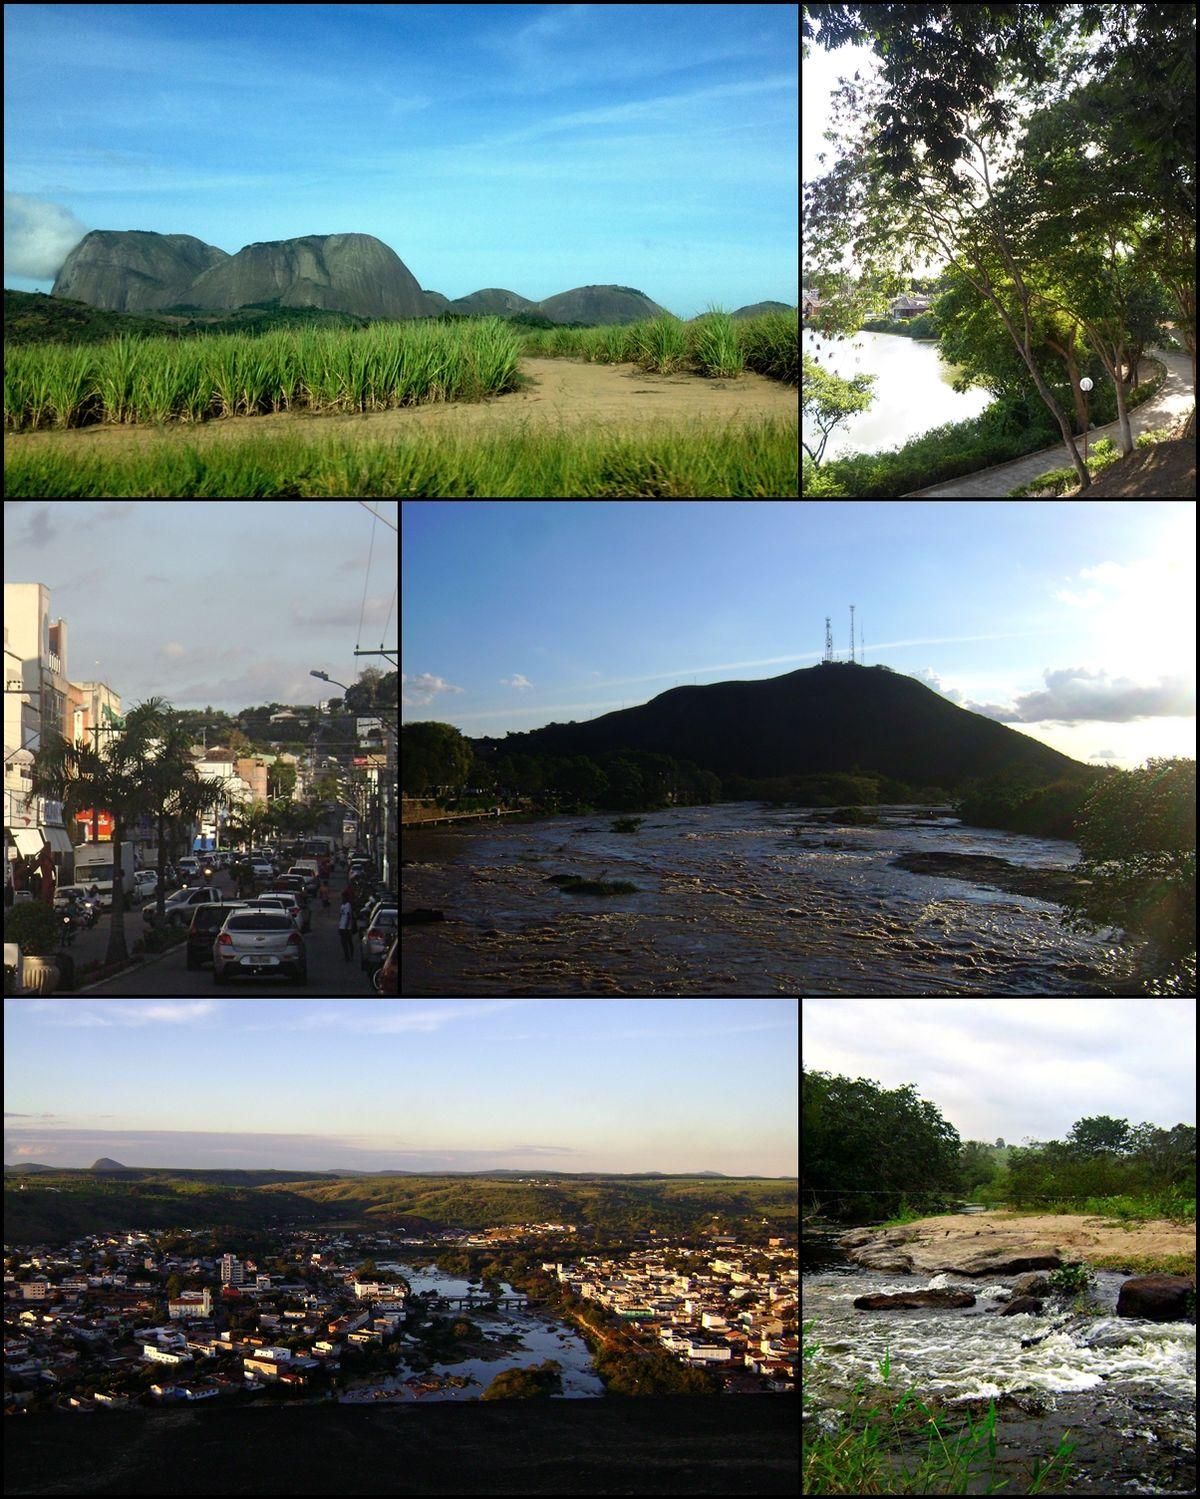 Nanuque Minas Gerais fonte: upload.wikimedia.org